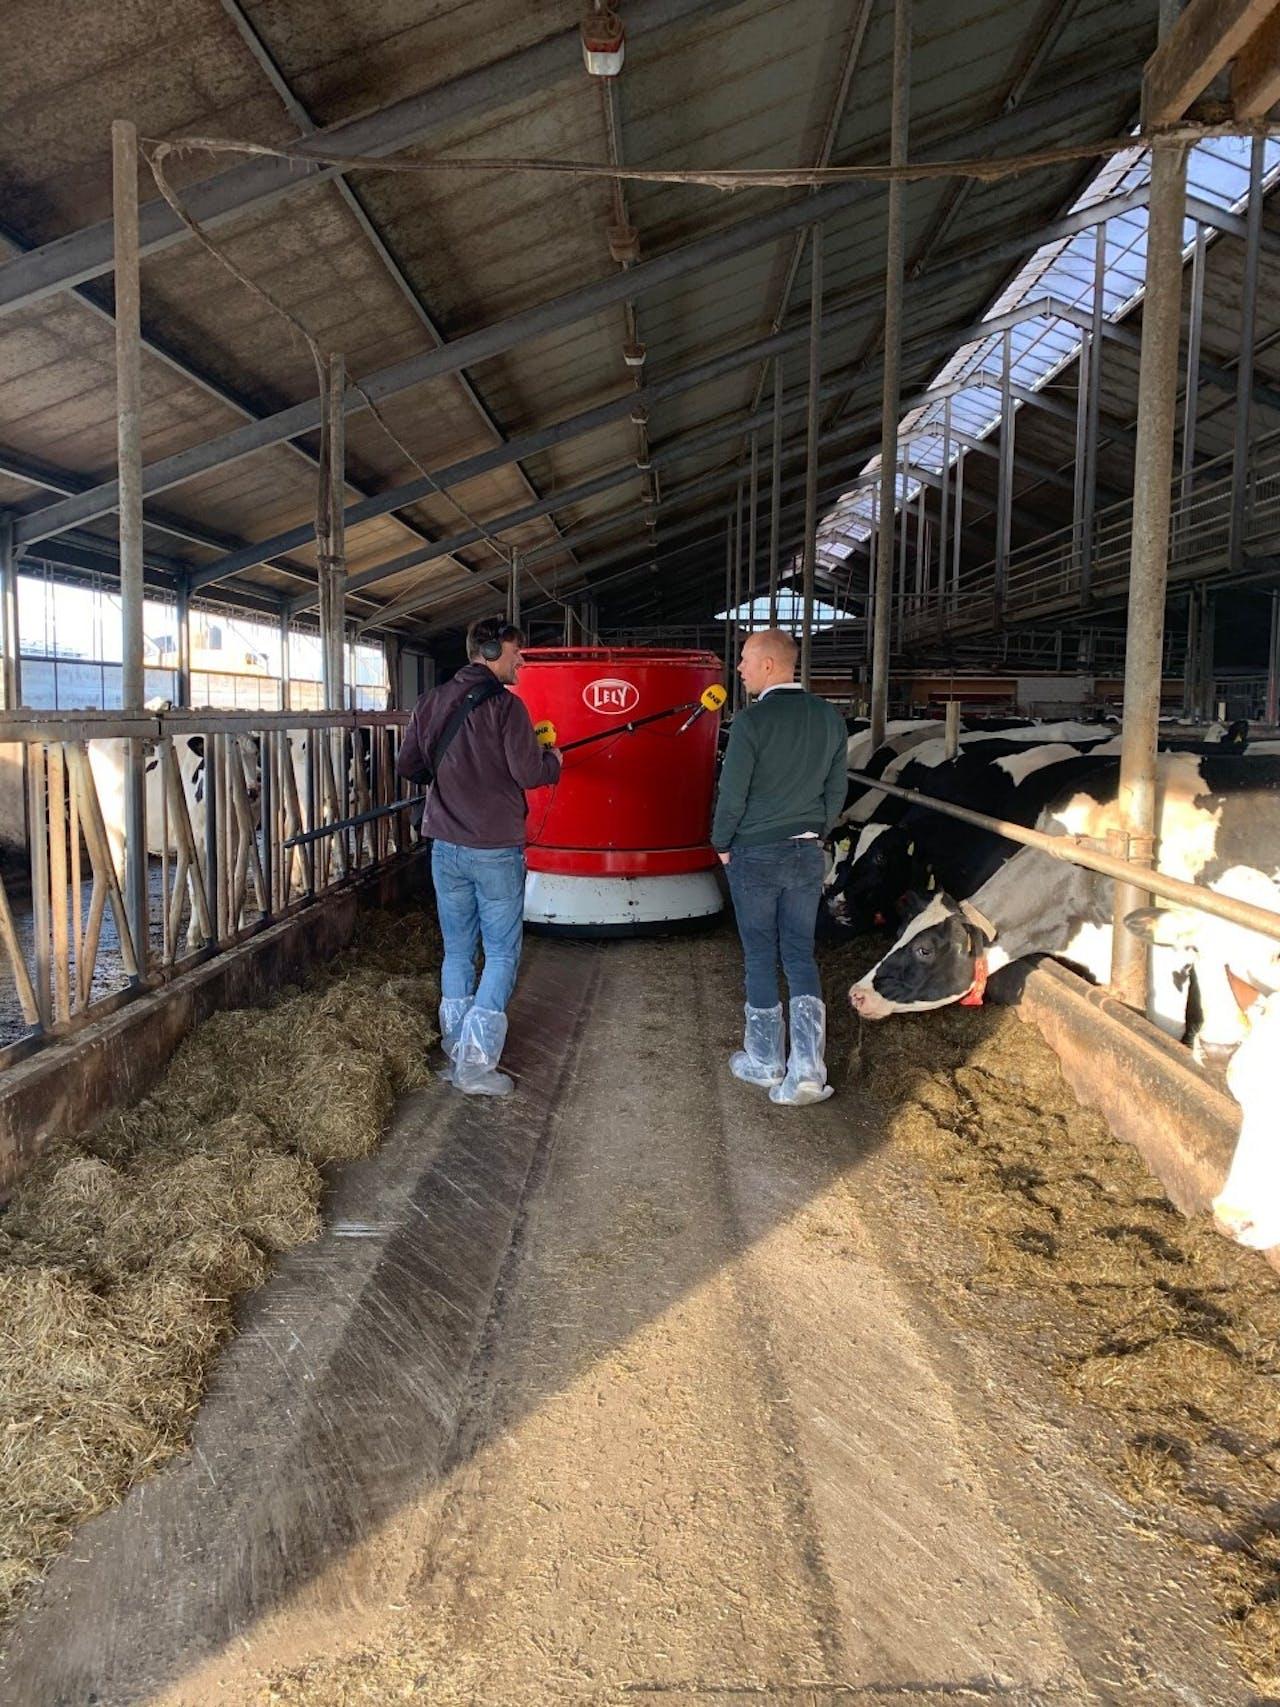 Clemens Duijnisveld van Lely legt verslaggever Martijn de Rijk uit hoe veehouderijen minder stikstof kunnen uitstoten.